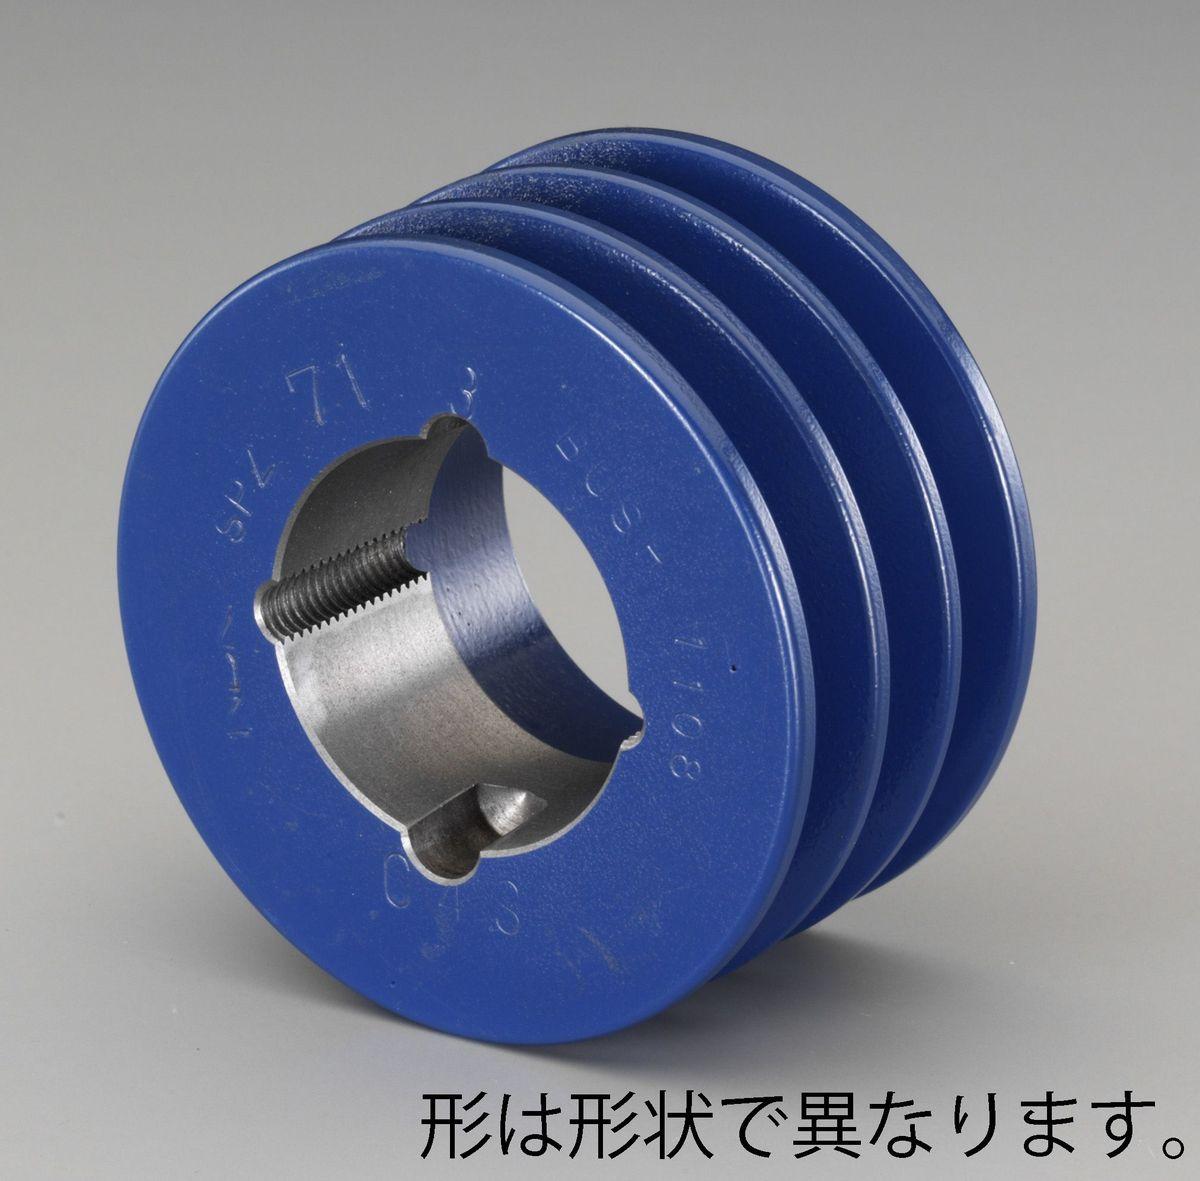 エスコ ESCO 236mm 3本構 Vプーリー SPプーリー/40U 000012266136 JP店